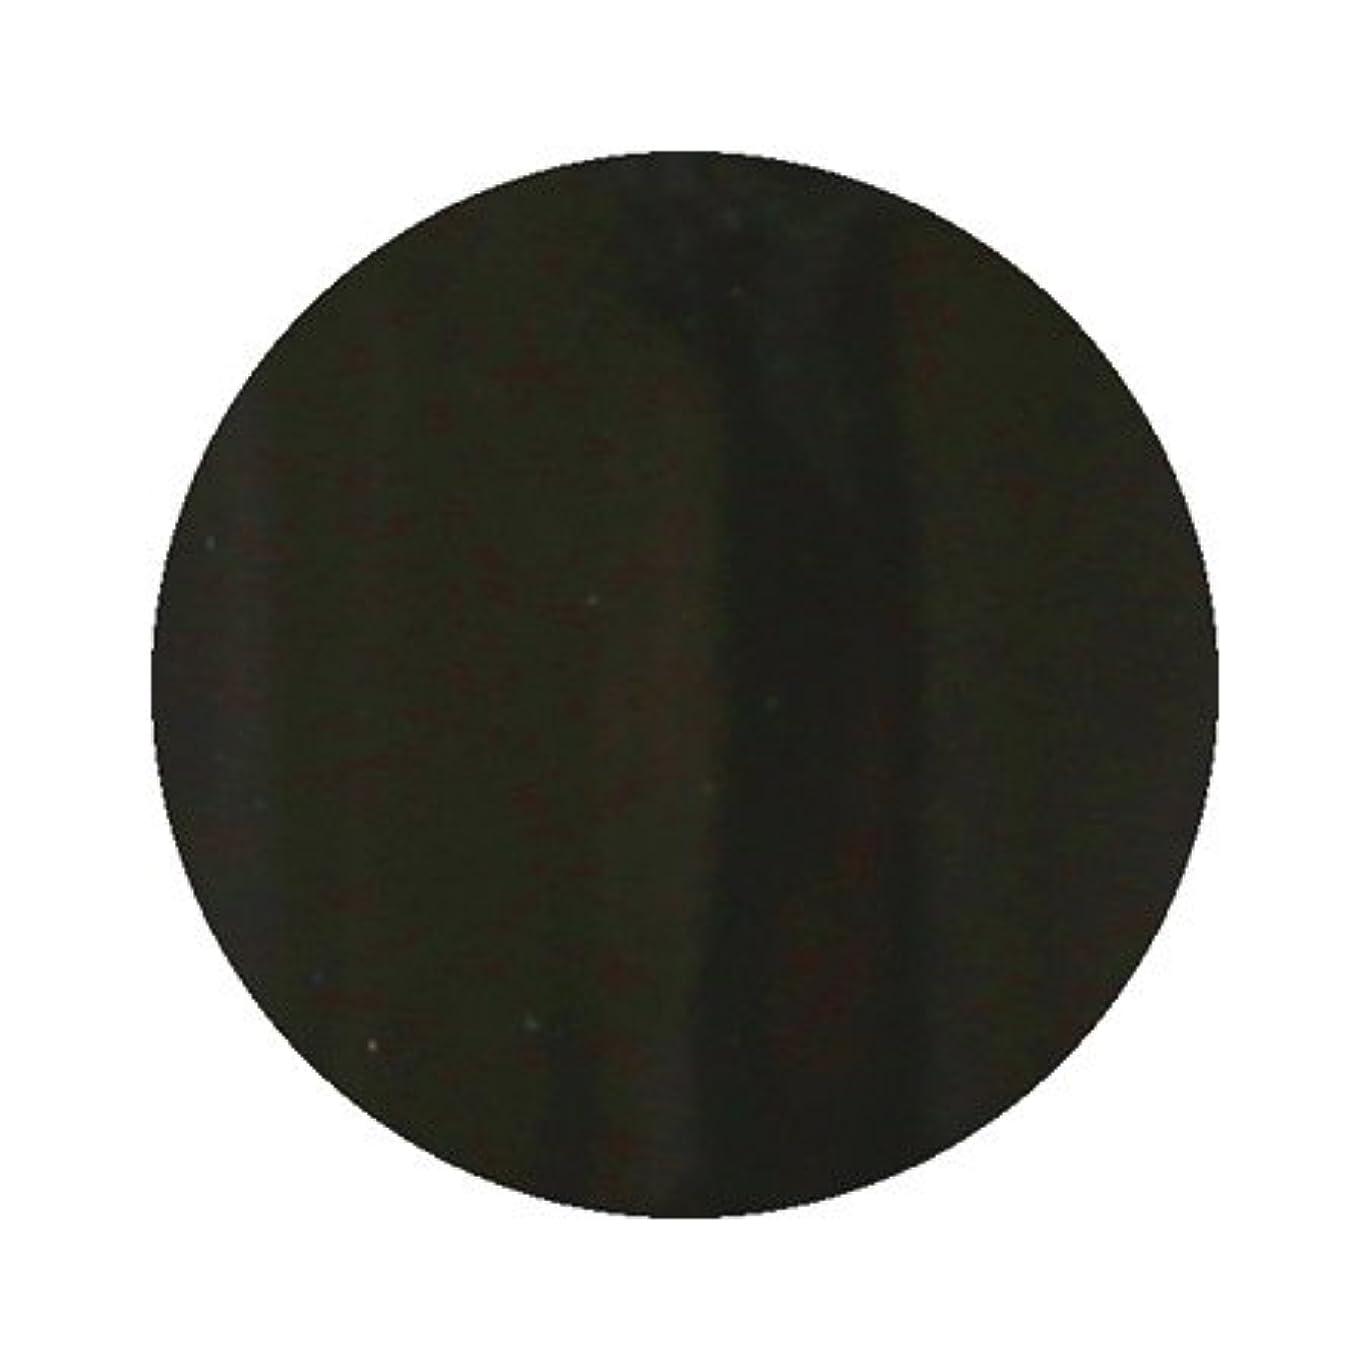 そのような接続されたジャンルパラポリッシュ ハイブリッドカラージェル MD14 ディープグリーン 7g